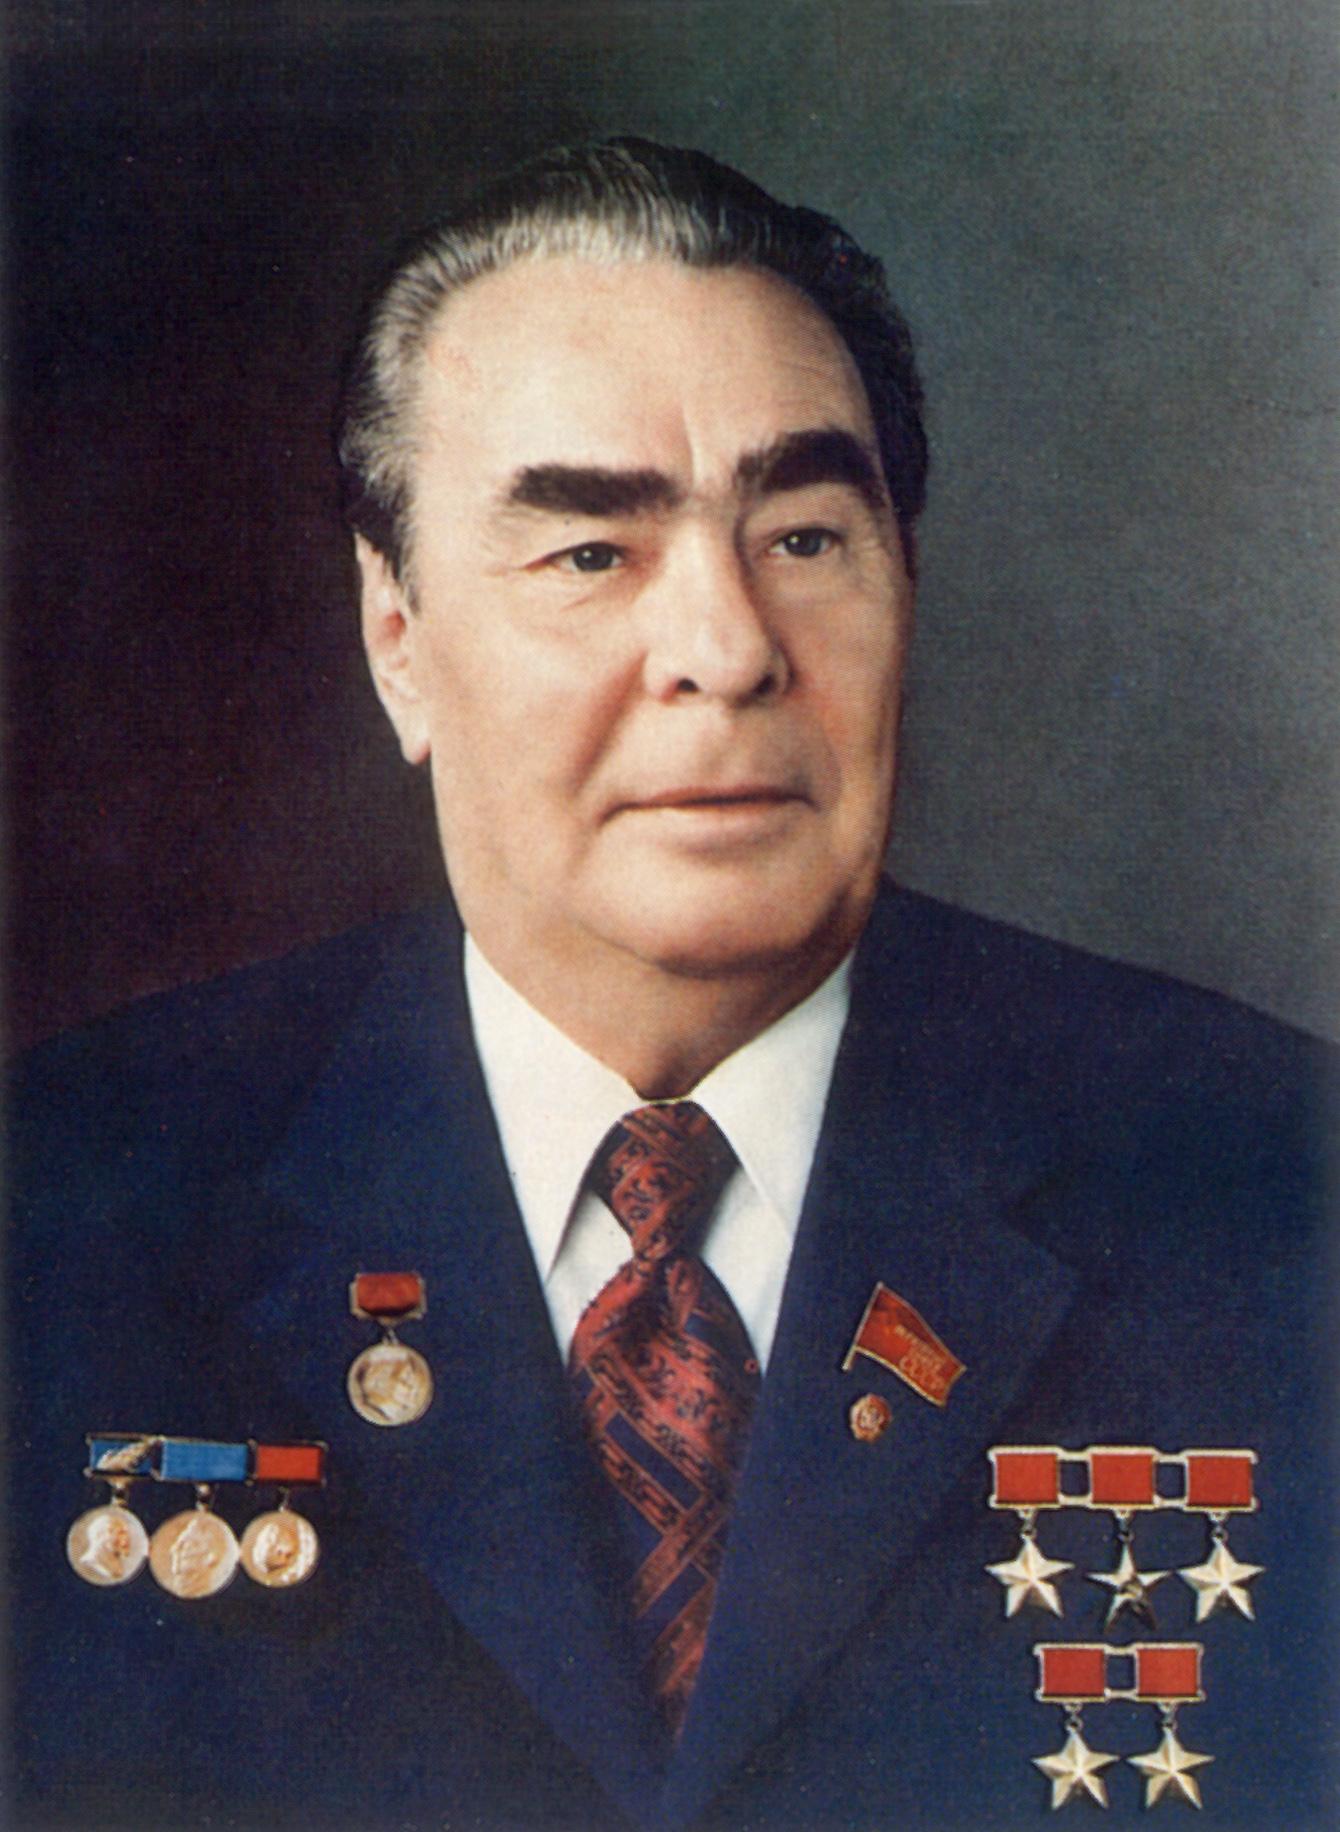 Четырежды Герой Советского Союза и Герой Социалистического ...: http://www.warheroes.ru/hero/hero.asp?photo_id=3